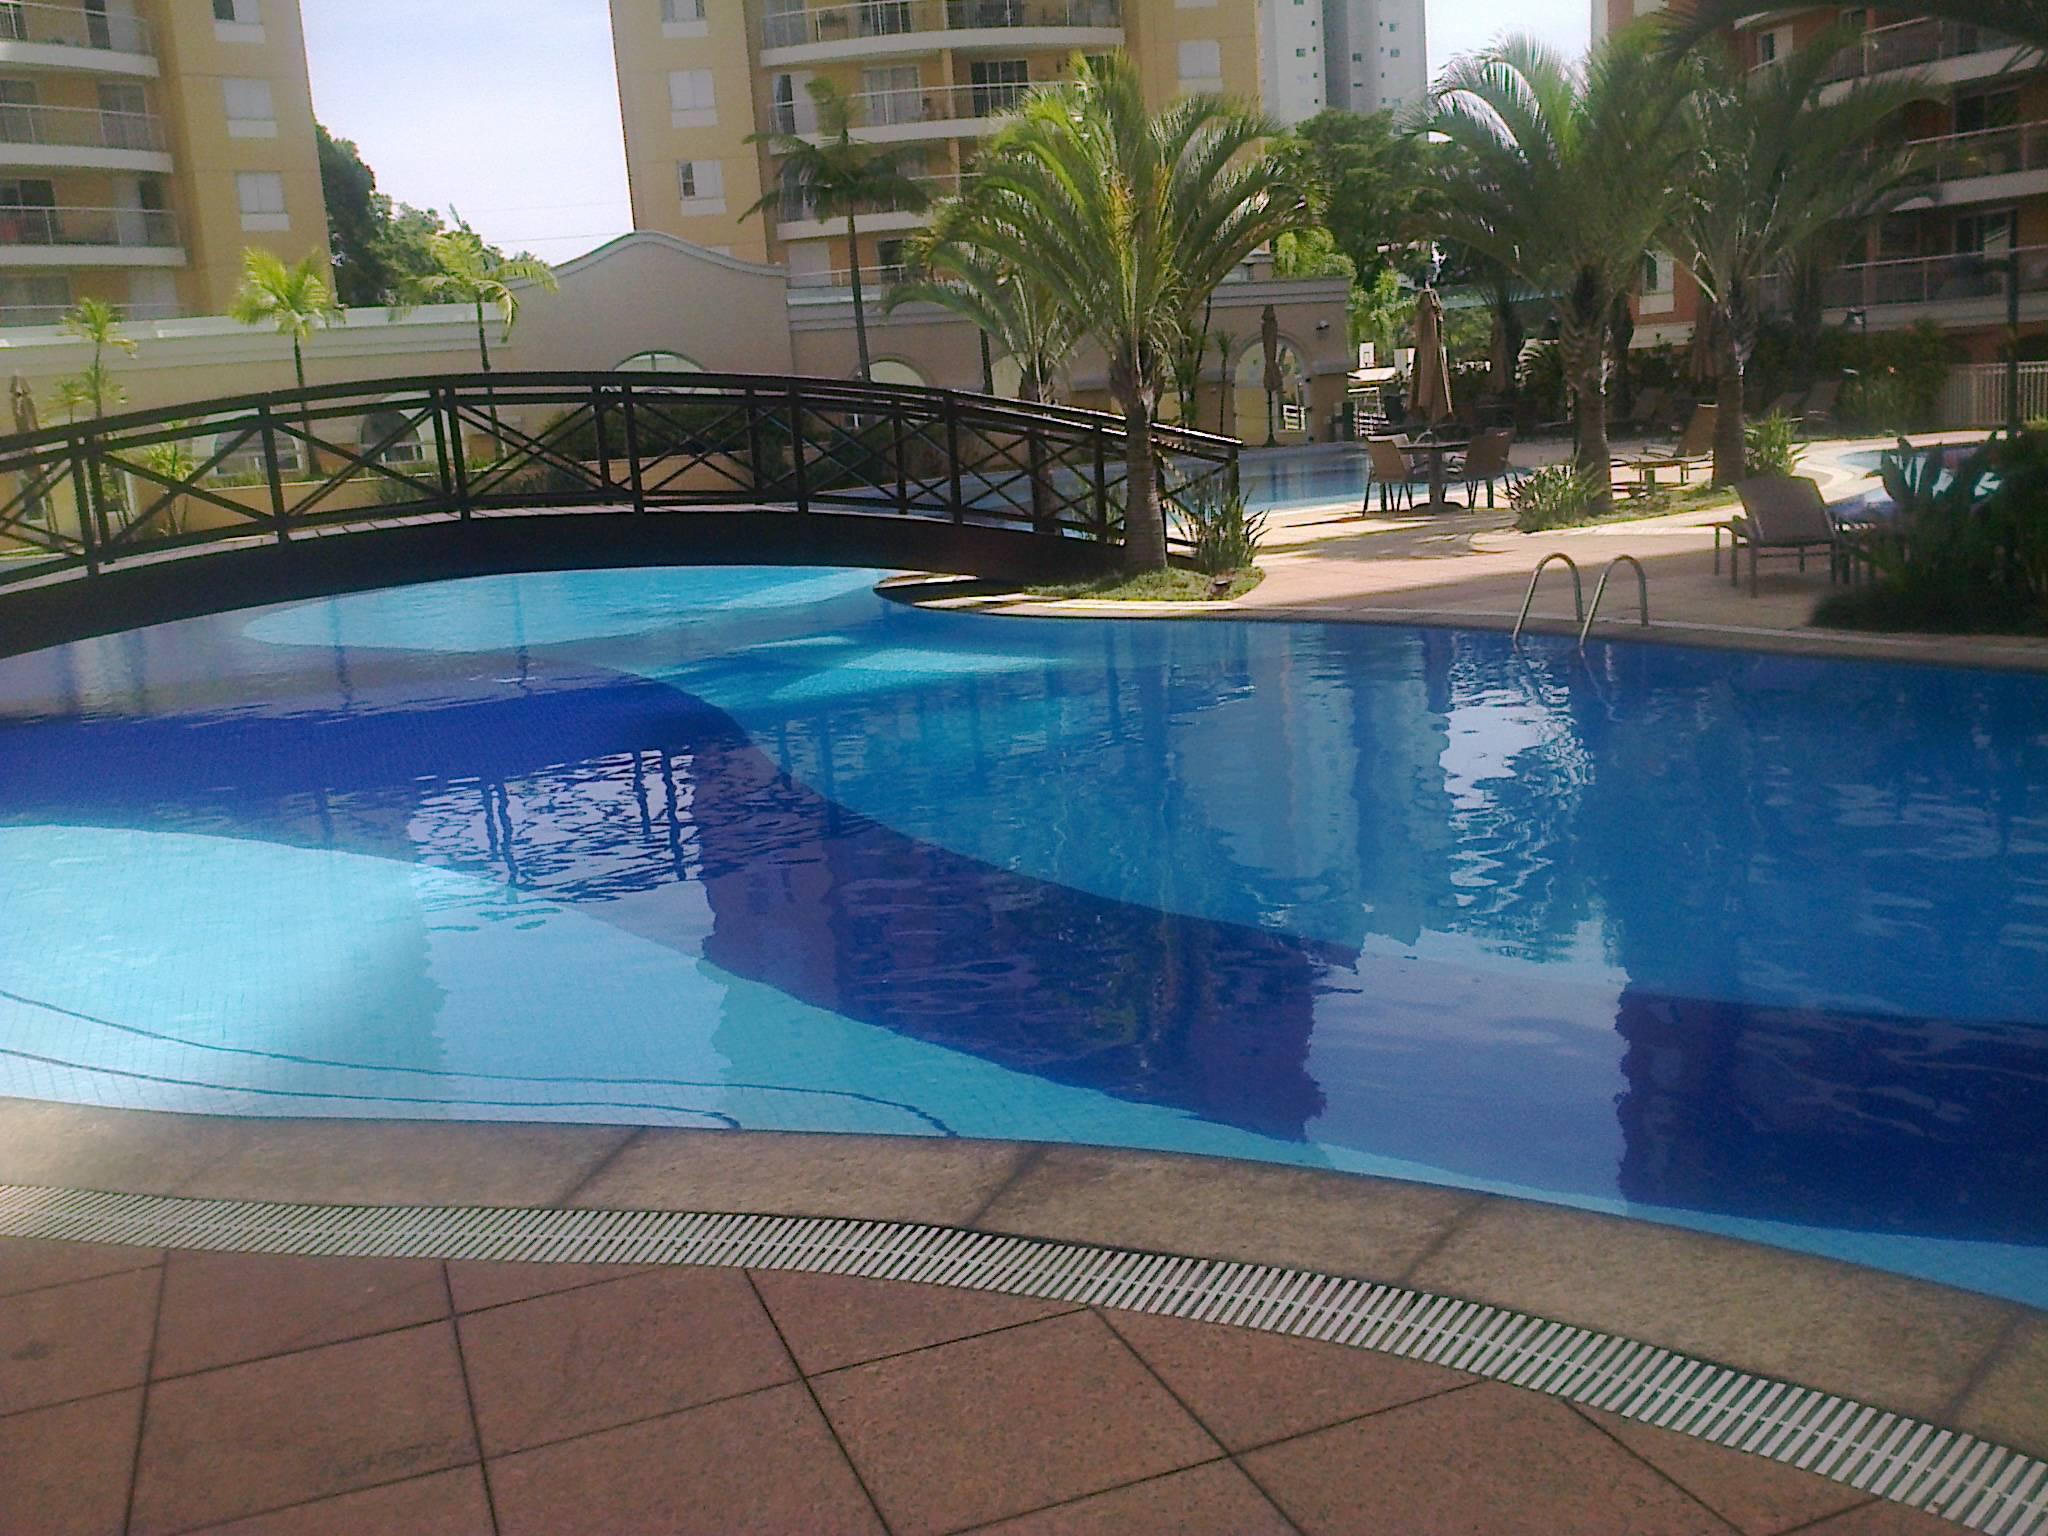 Empresas especializadas em limpeza de piscinas qualy - Piscinas en alto ...